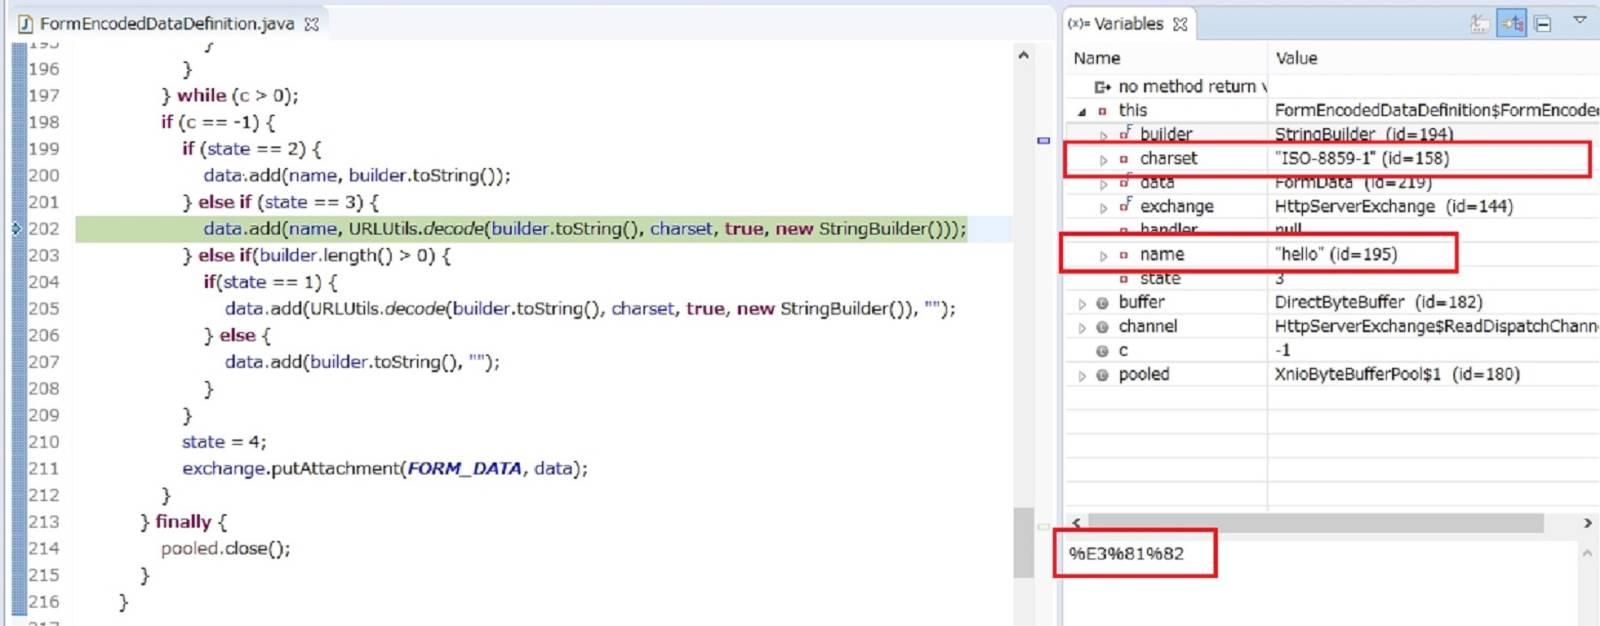 'FormEncodedDataDefinition$FormEncodedDataParser' uses the default 'ISO-8859-1' encoding.